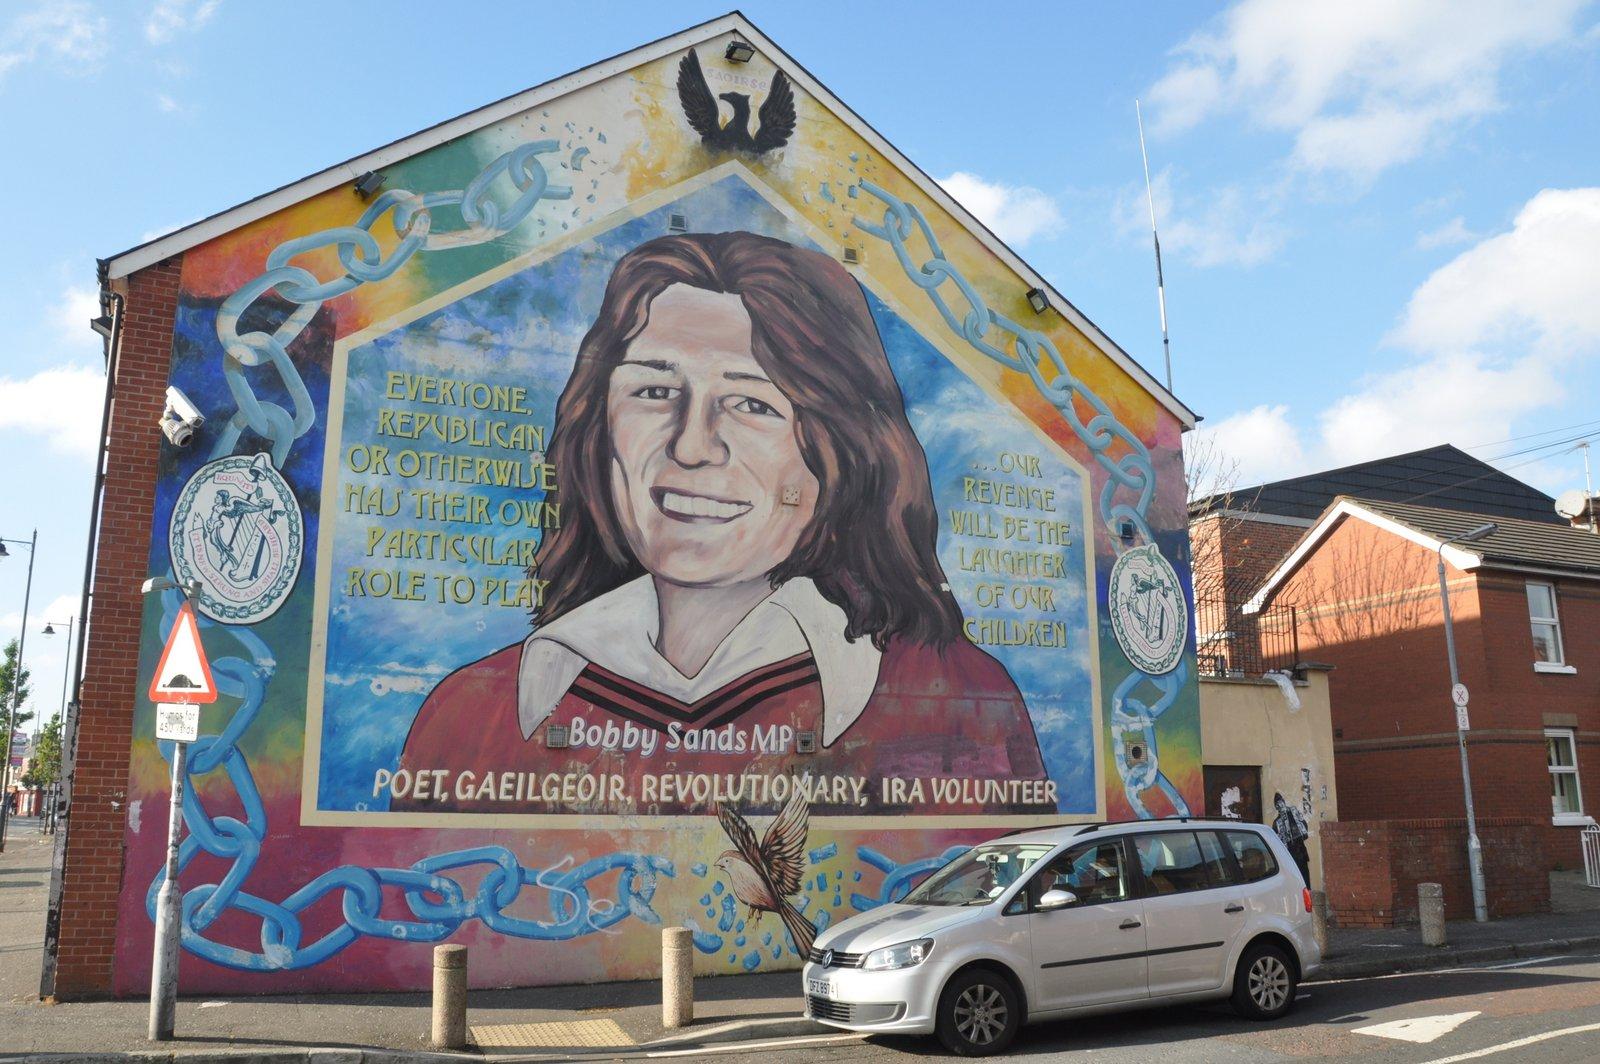 Mural en l'honneur de Bobby Sands, membre de l'IRA mort d'une grève de la faim en 1981